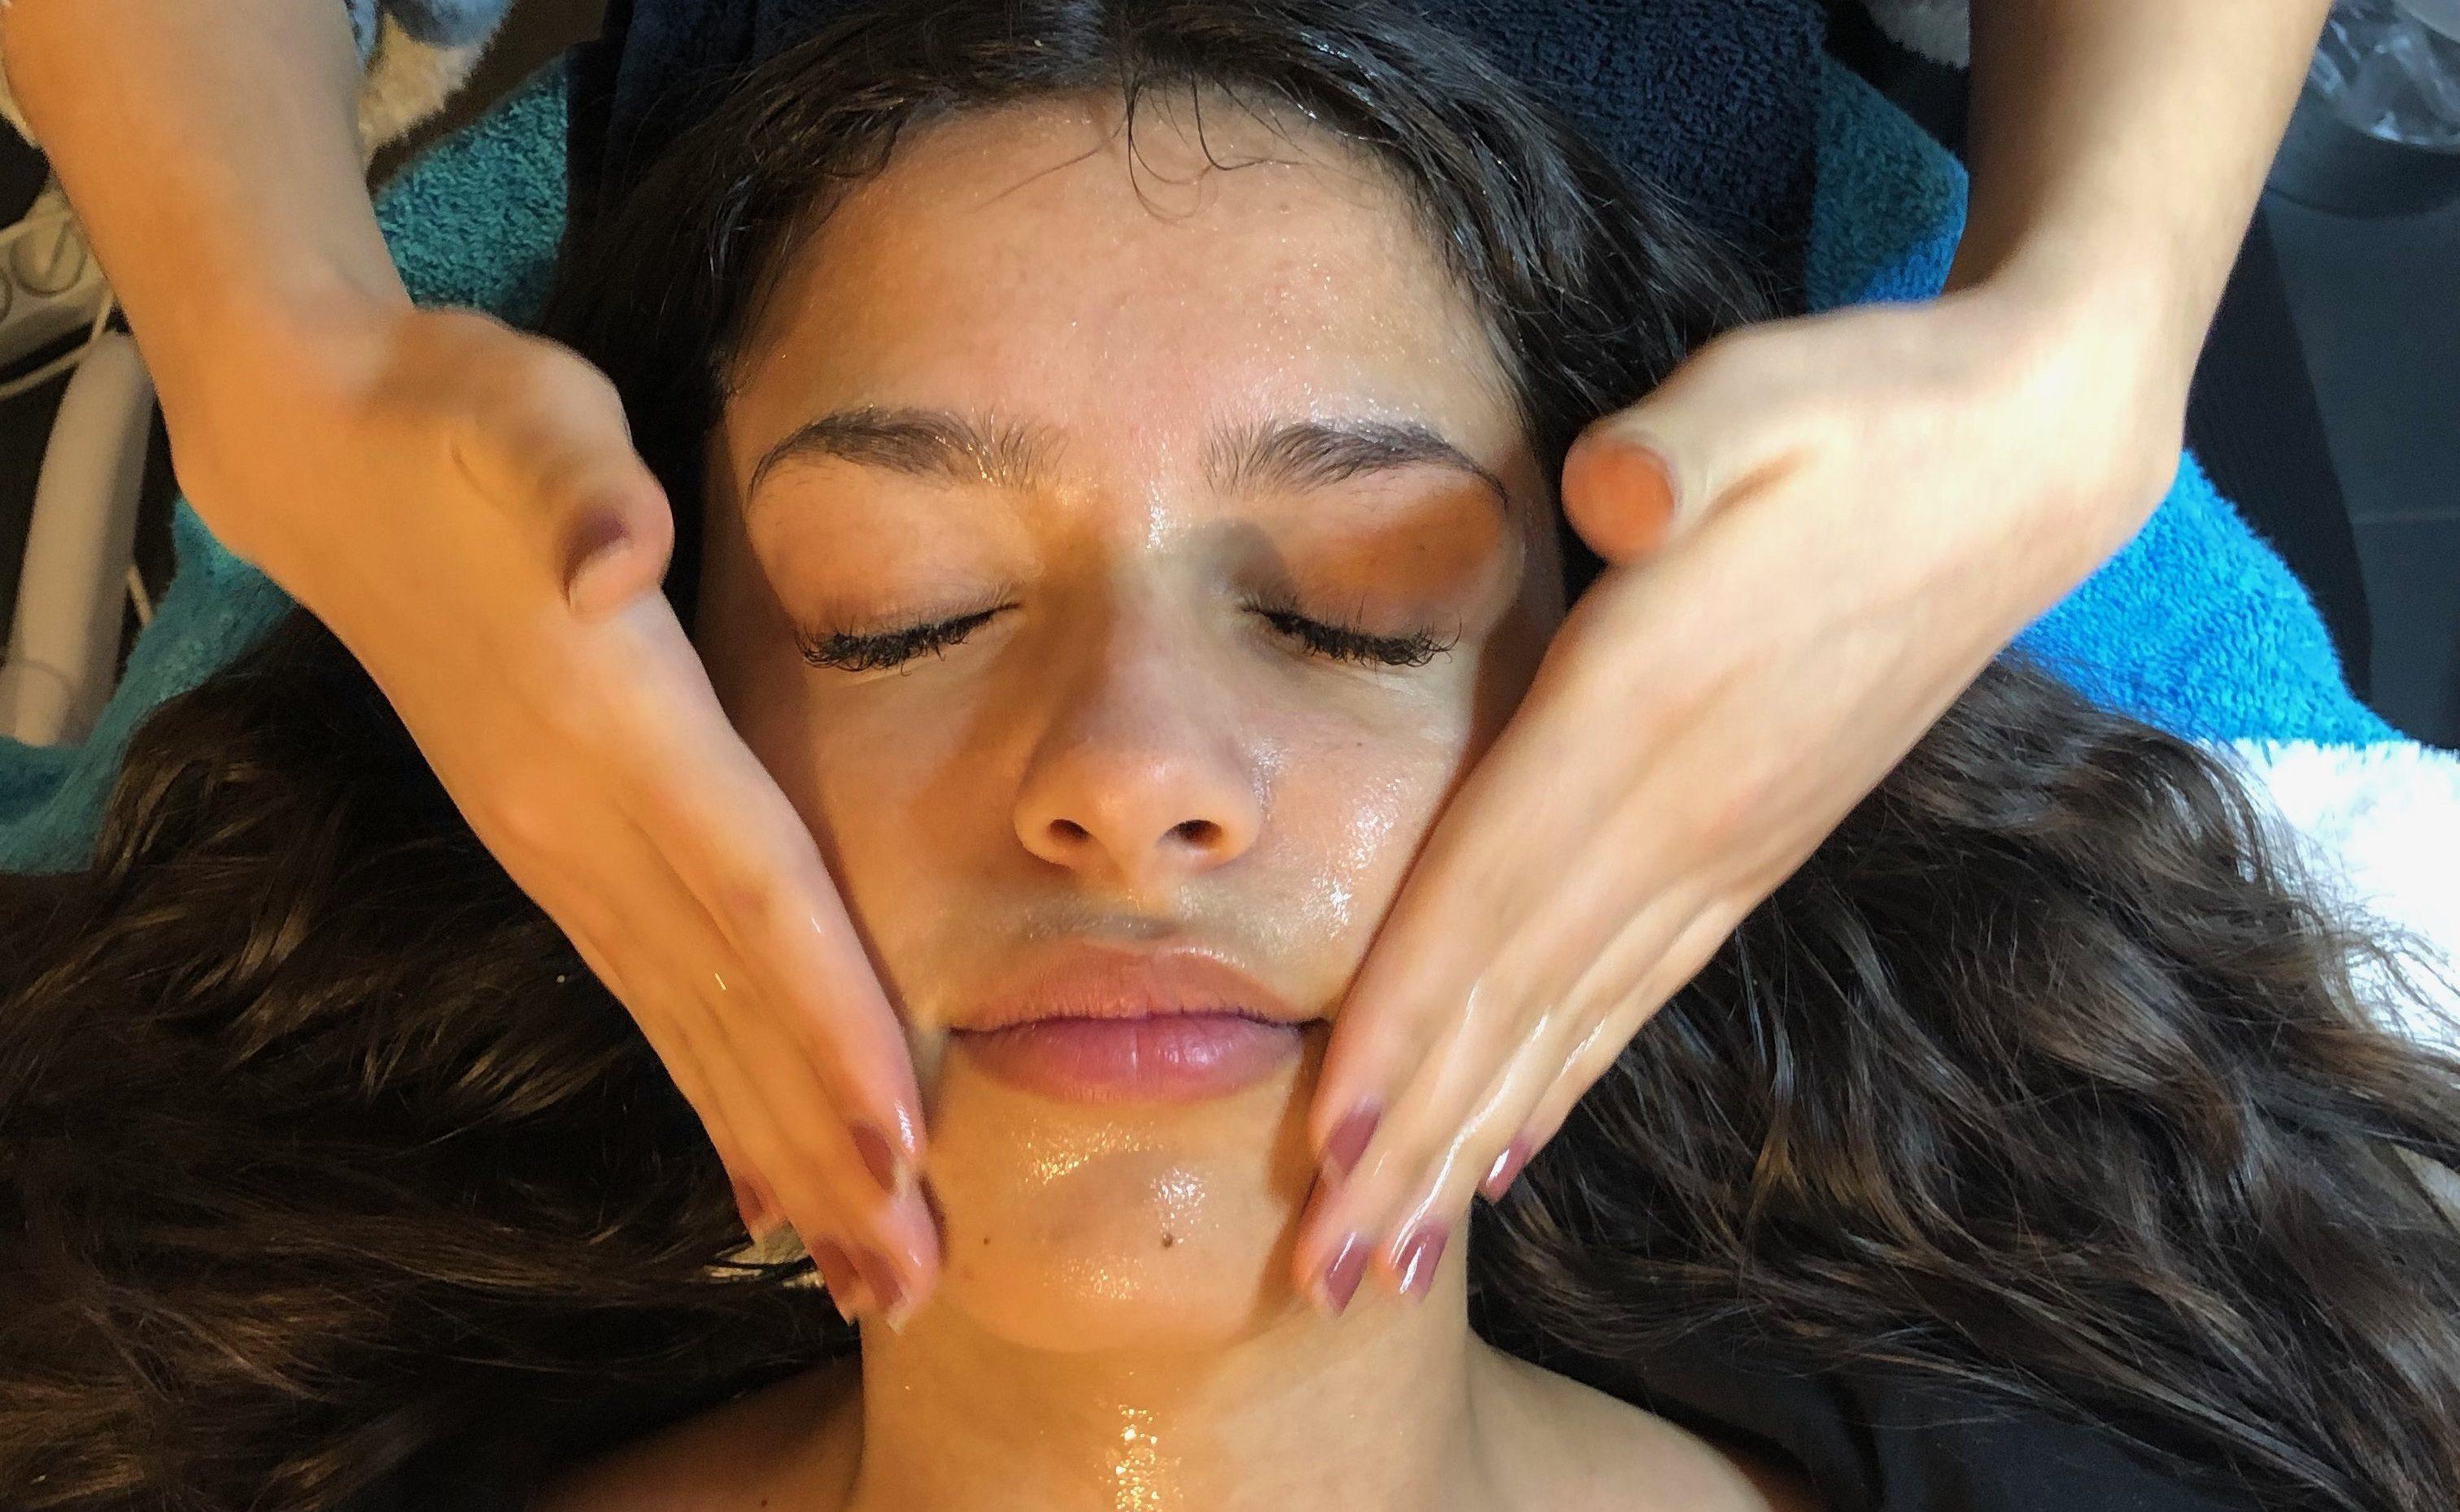 Tiener gezichtsbehandeling voor de jonge huid